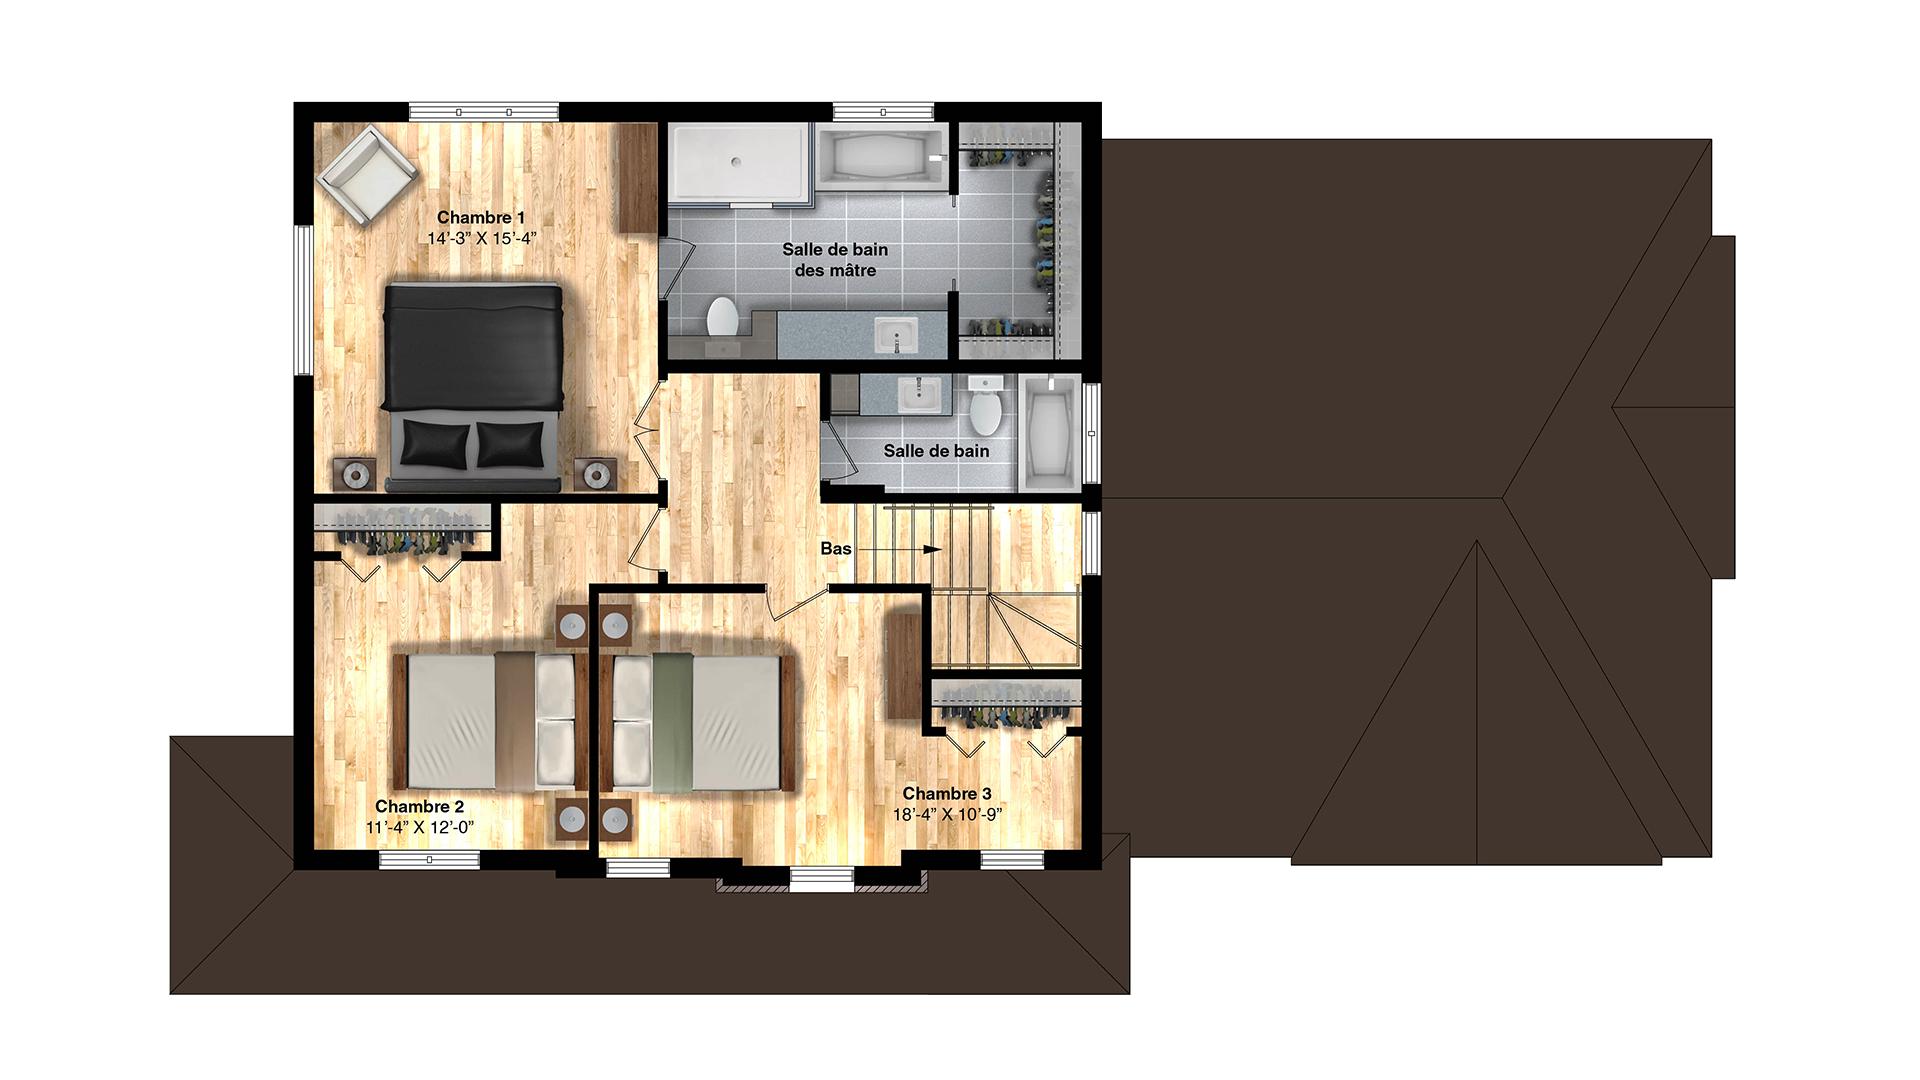 danburry-plan-plancher-etage